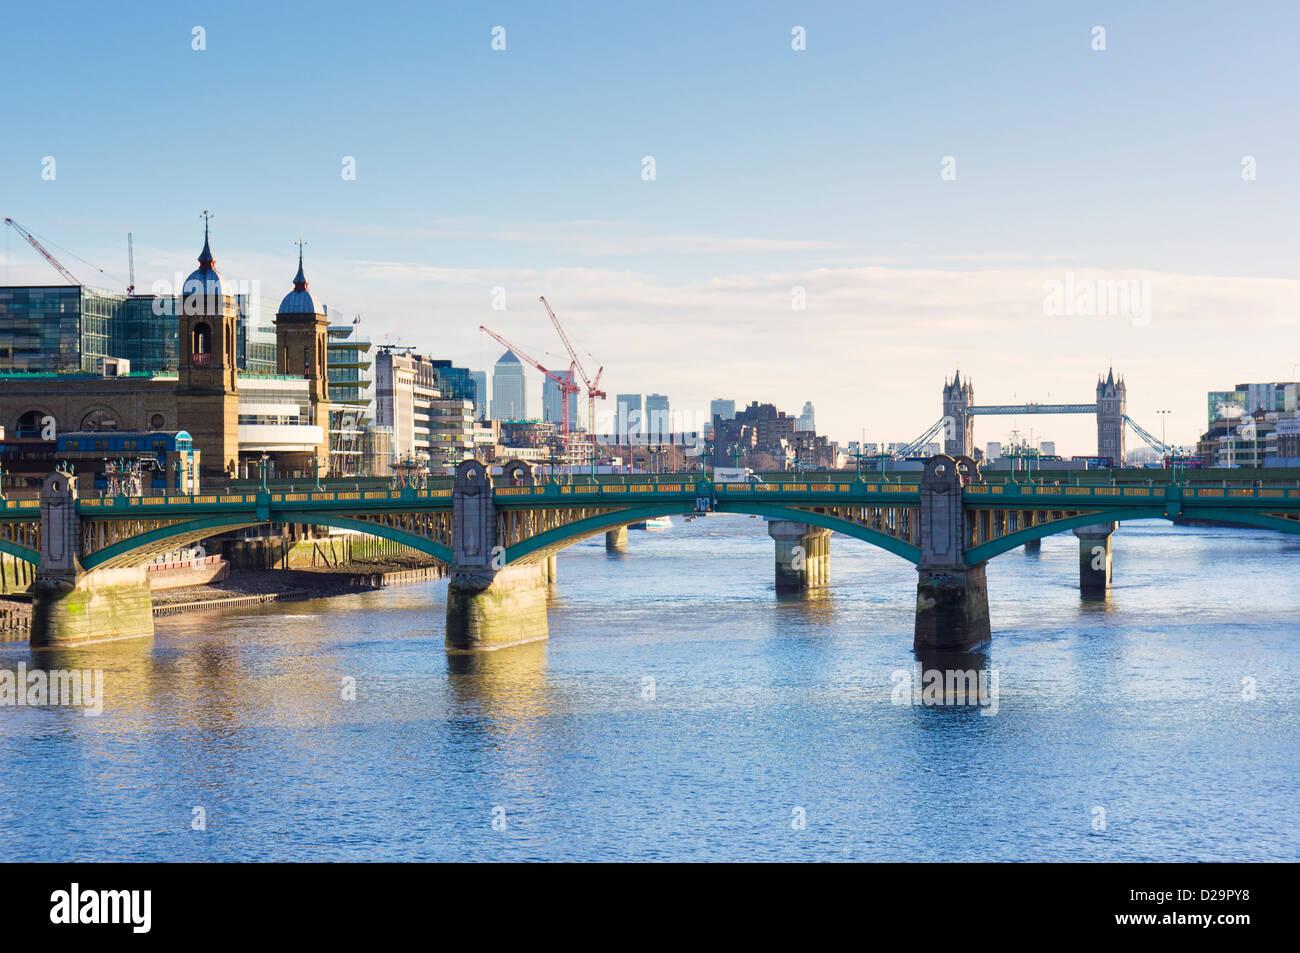 Southwark Bridge sul fiume Thames, London, England, Regno Unito - con il Tower Bridge in background Immagini Stock